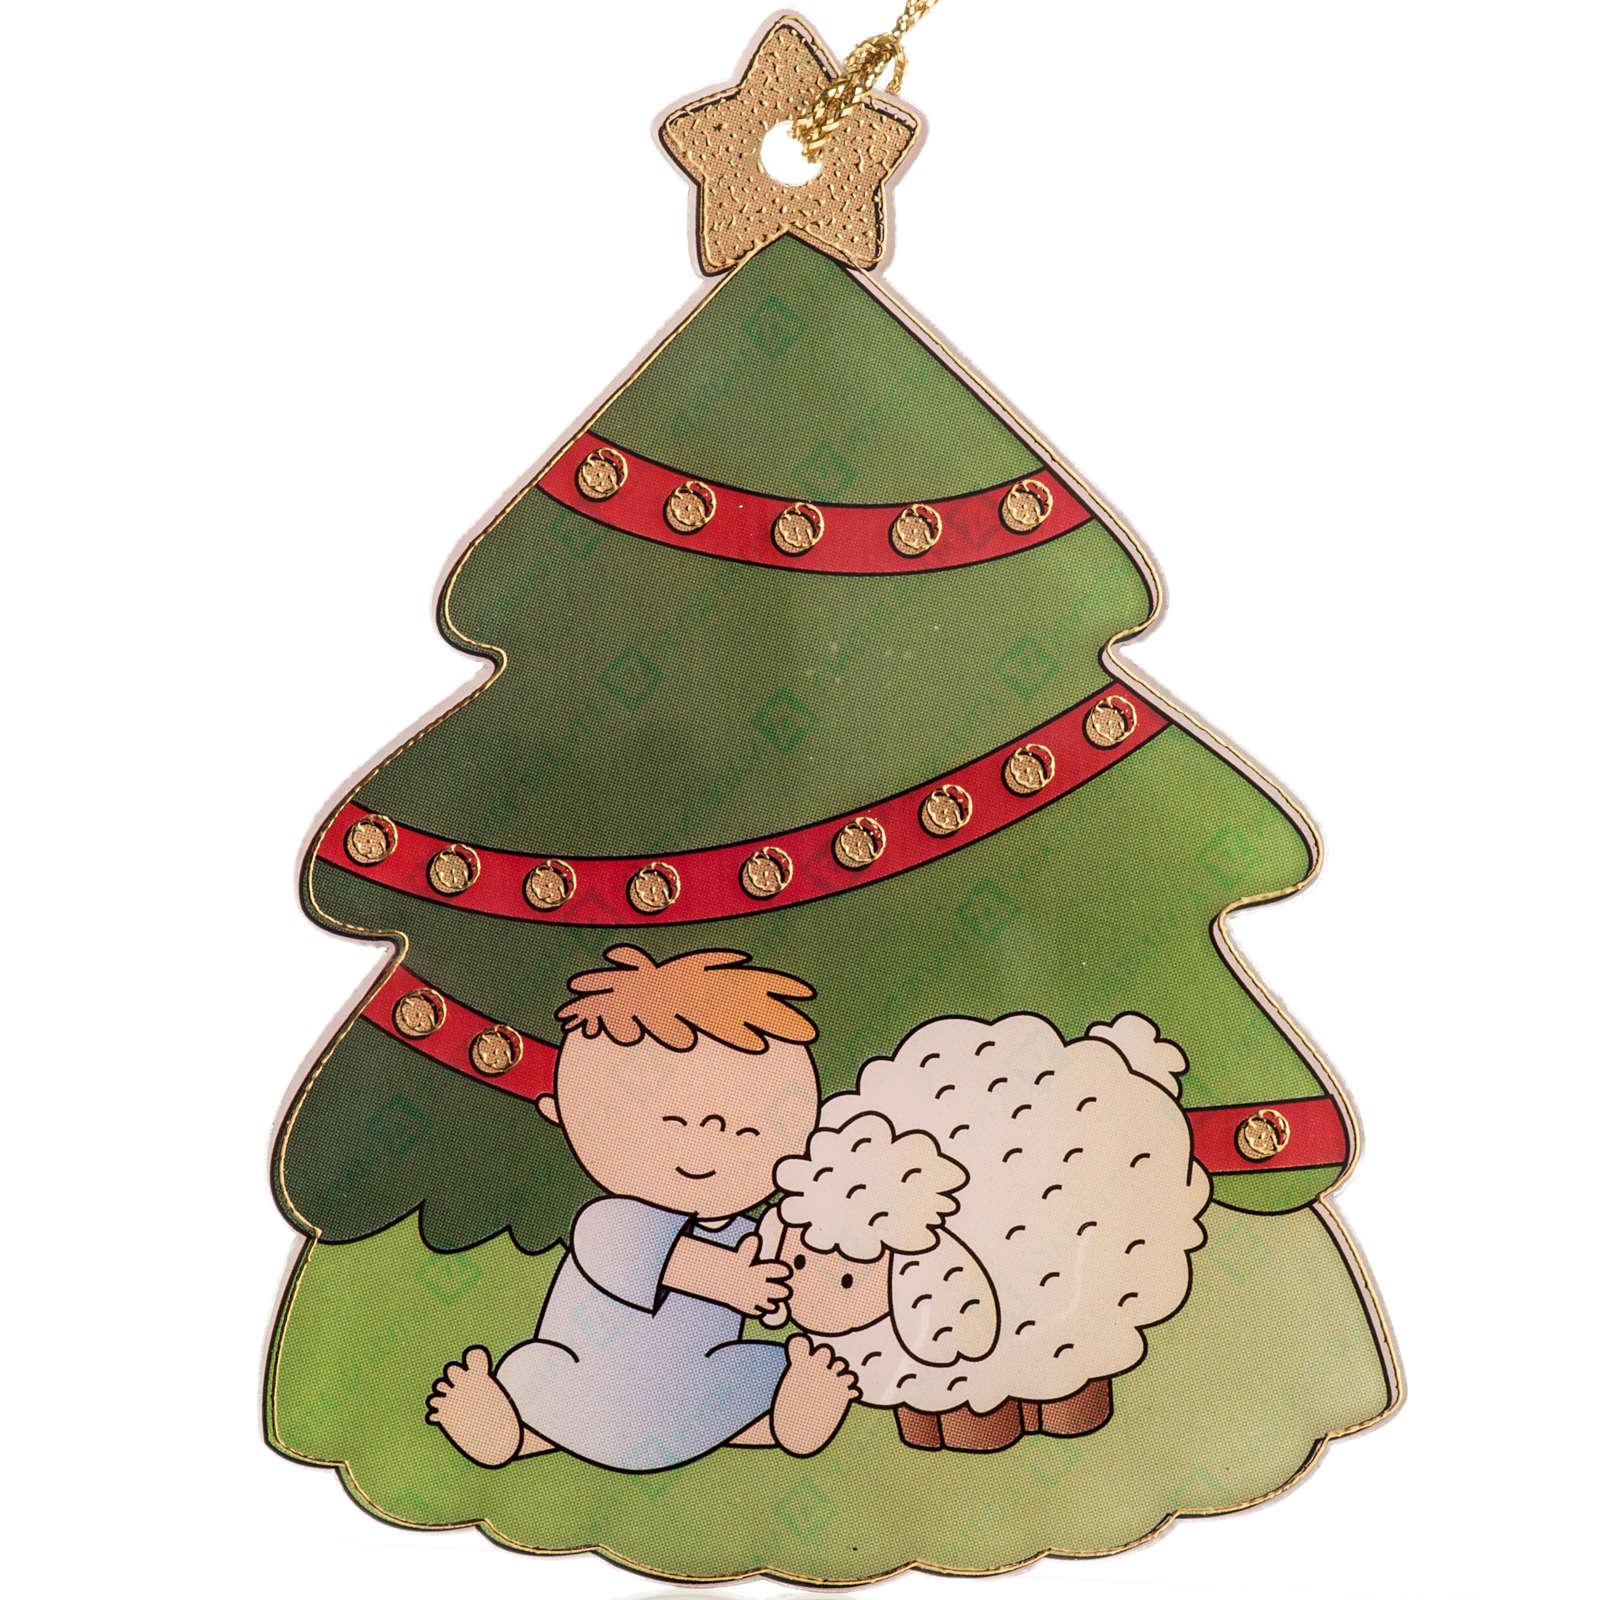 Décoration Sapin de Noel enfant et brebis 4